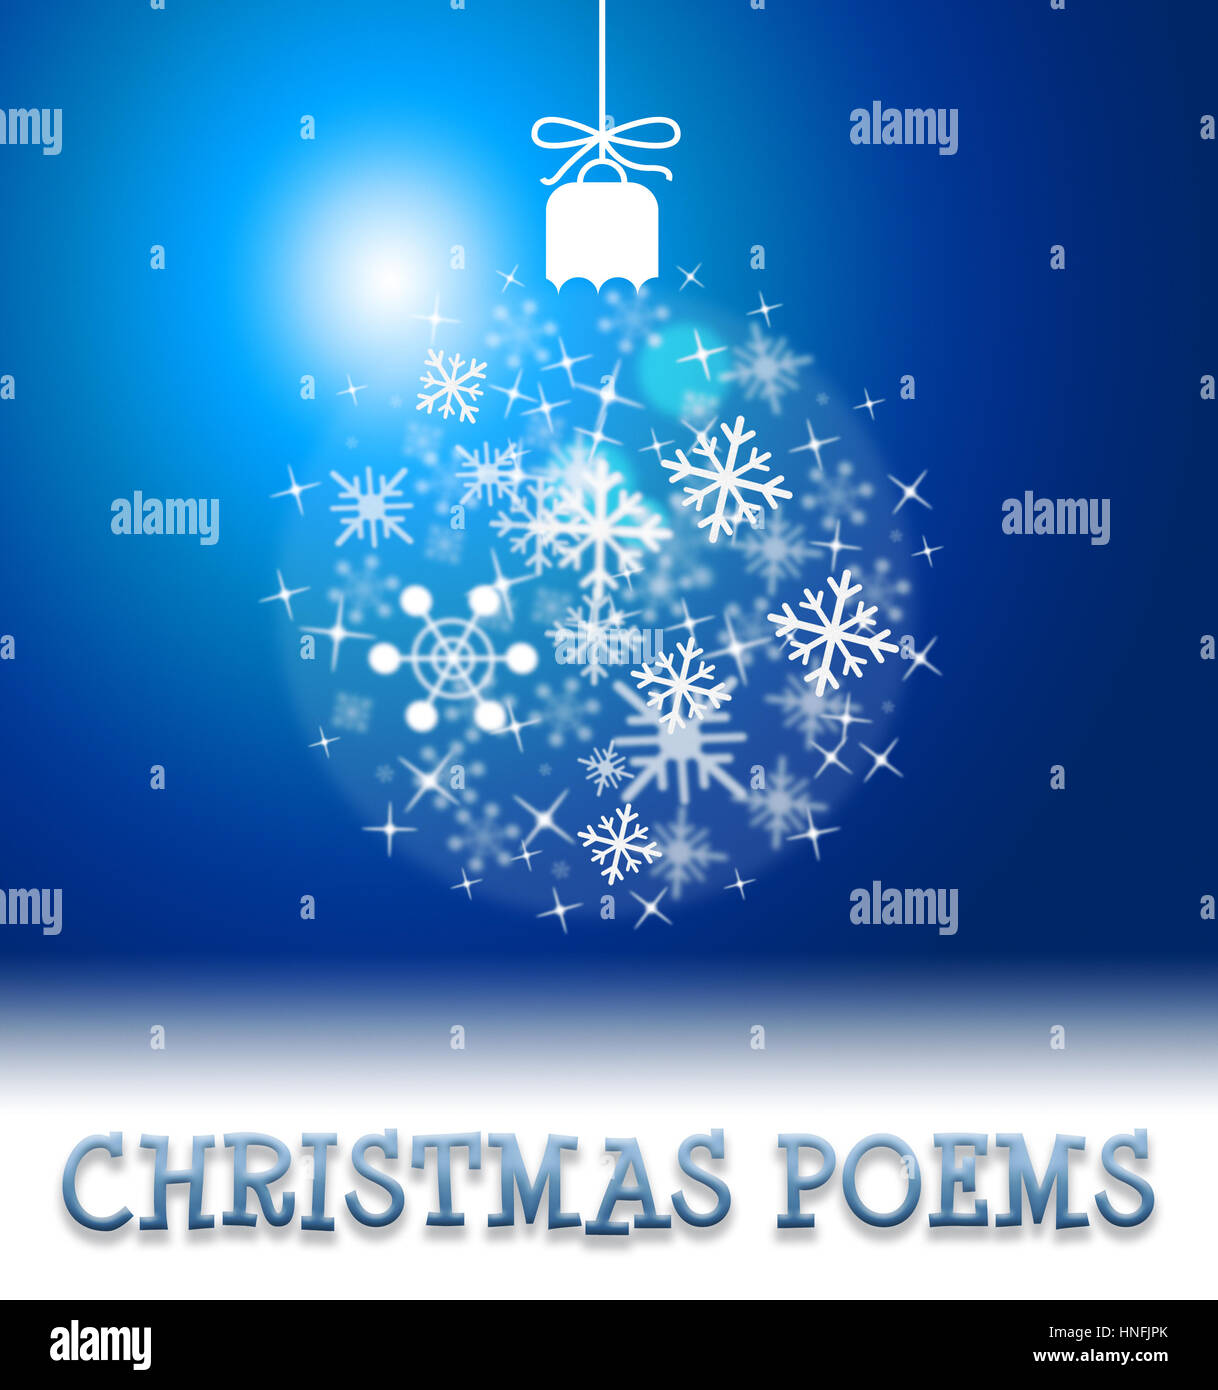 Weihnachten Gedichte Kugel Dekoration bedeutet glücklich festliche ...